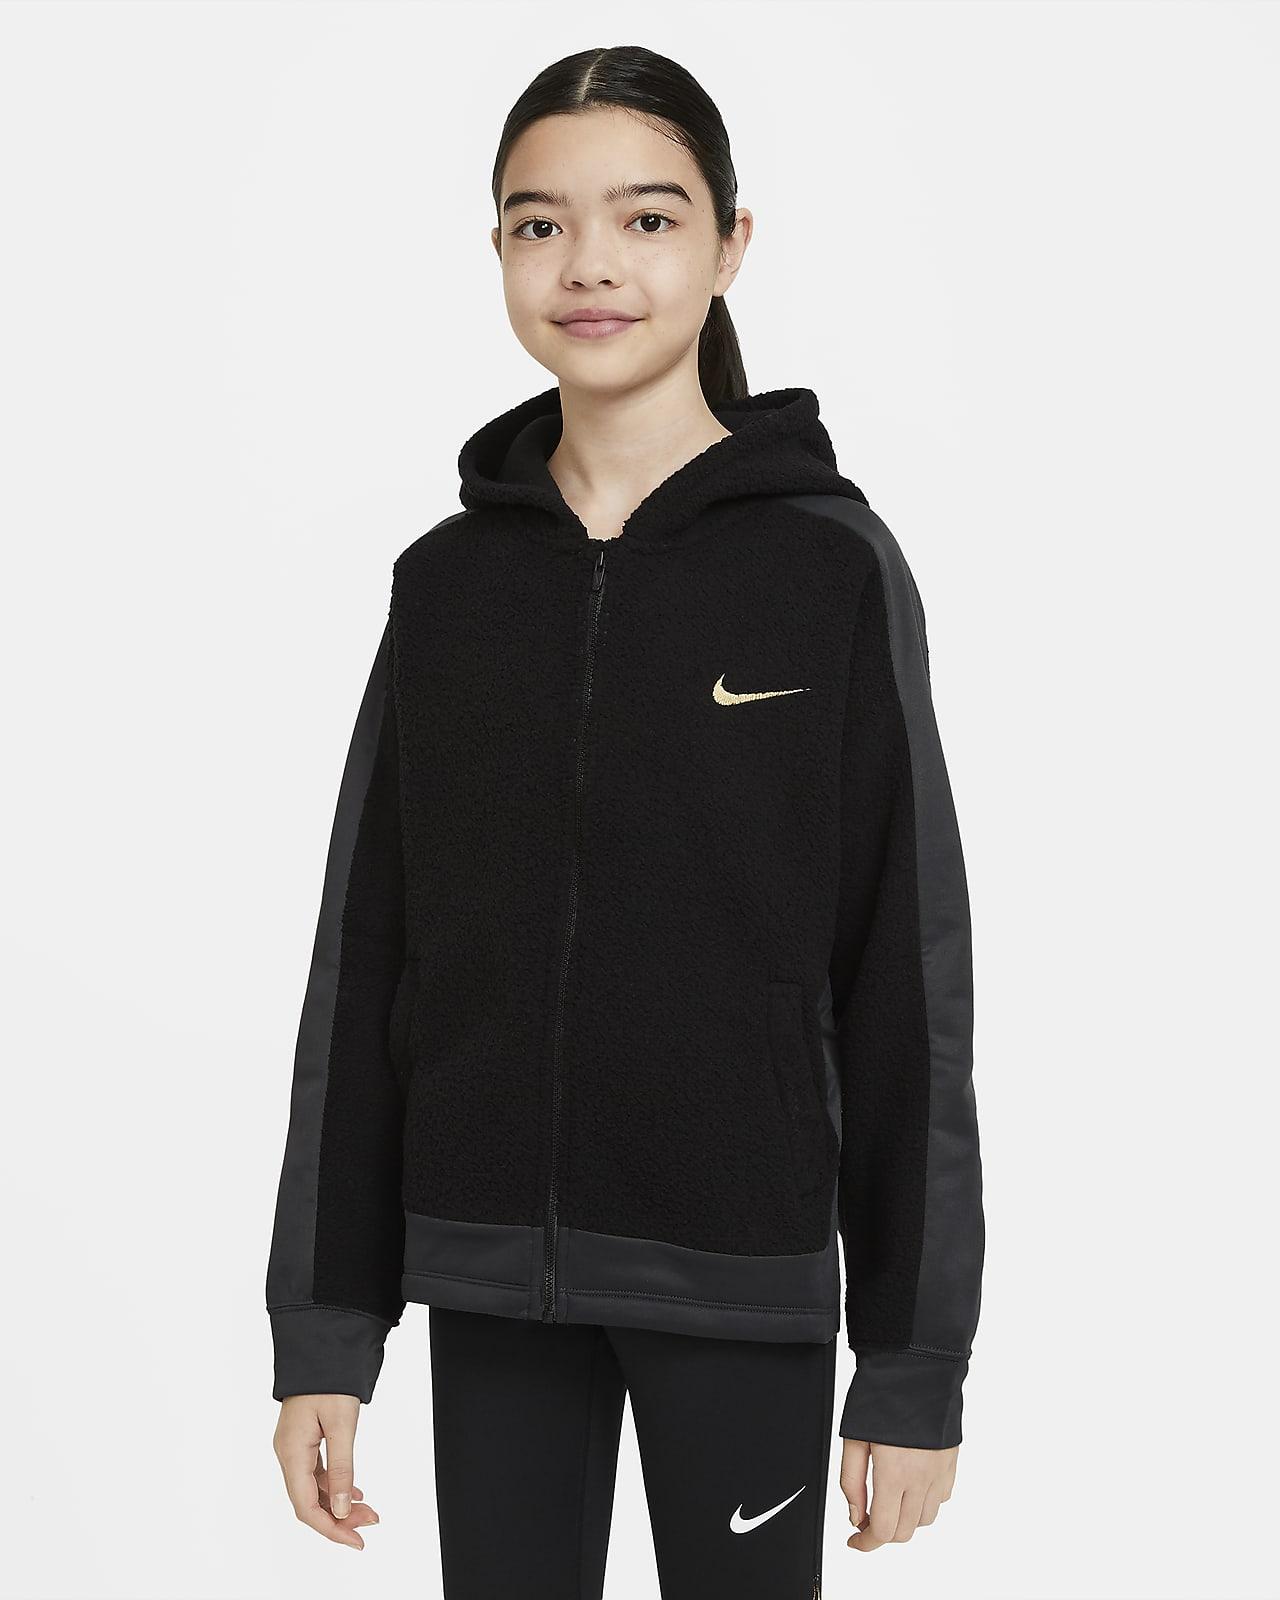 Nike Therma Trainings-Hoodie mit durchgehendem Reißverschluss für ältere Kinder (Mädchen)